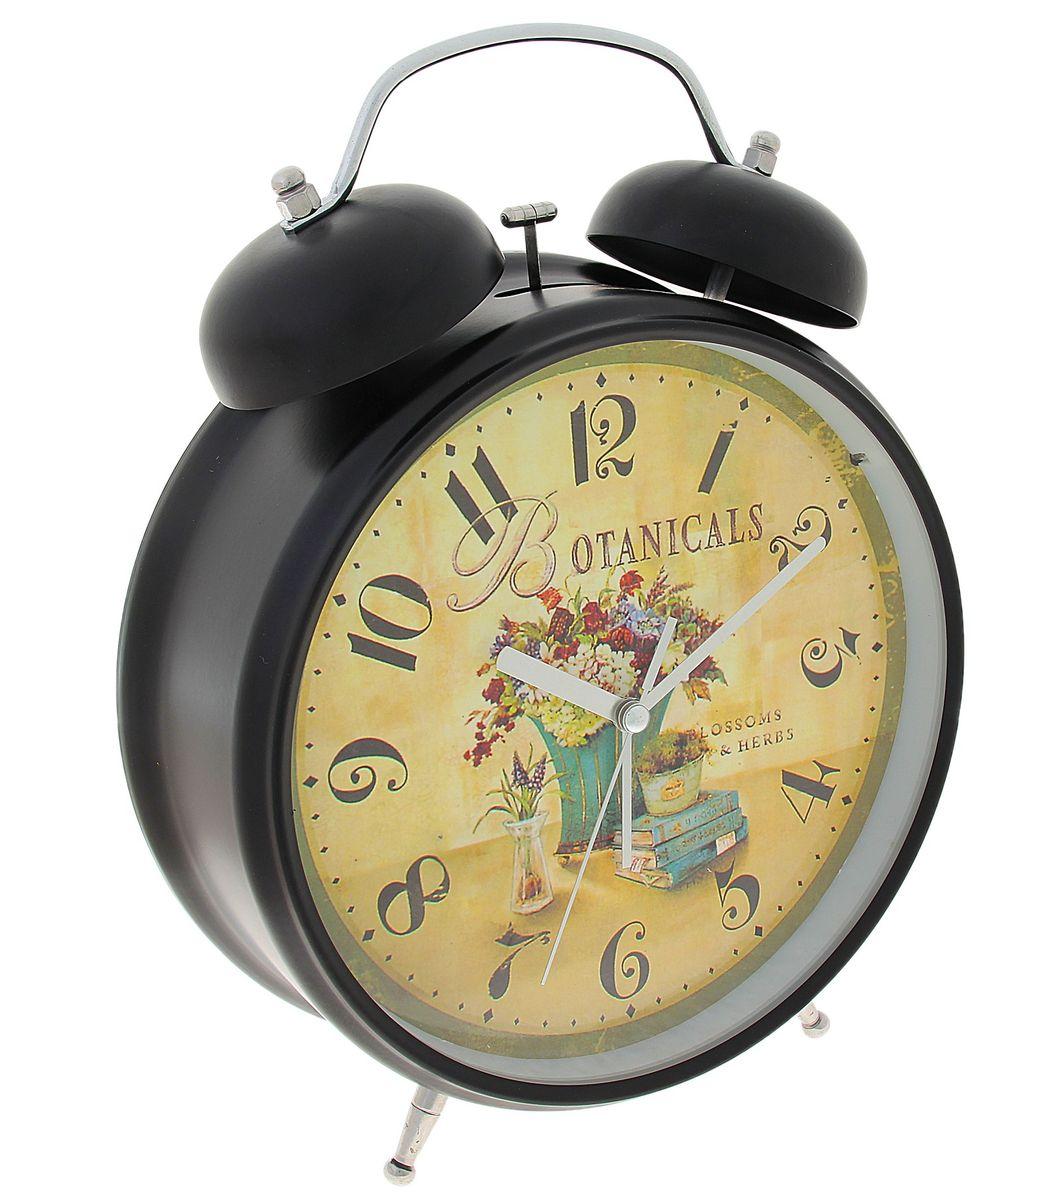 Часы-будильник Sima-land Botanicals, цвет: черный, бежевый, диаметр 20 смMRC 4143 buntЧасы-будильник Sima-land Botanicals - это невероятных размеров устройство, созданное специально для тех, кто с трудом просыпается по утрам!Изделие обладает оригинальным интересным дизайном. Такой будильник станет изюминкой вашего интерьера.Будильник работает от 3 батареек типа АА 1,5 В (в комплект не входят). На задней панели будильника расположены переключатель включения/выключения механизма, два поворотных рычага для настройки текущего времени и установки будильника, а также кнопка для включения подсветки циферблата.Диаметр циферблата: 20 см.